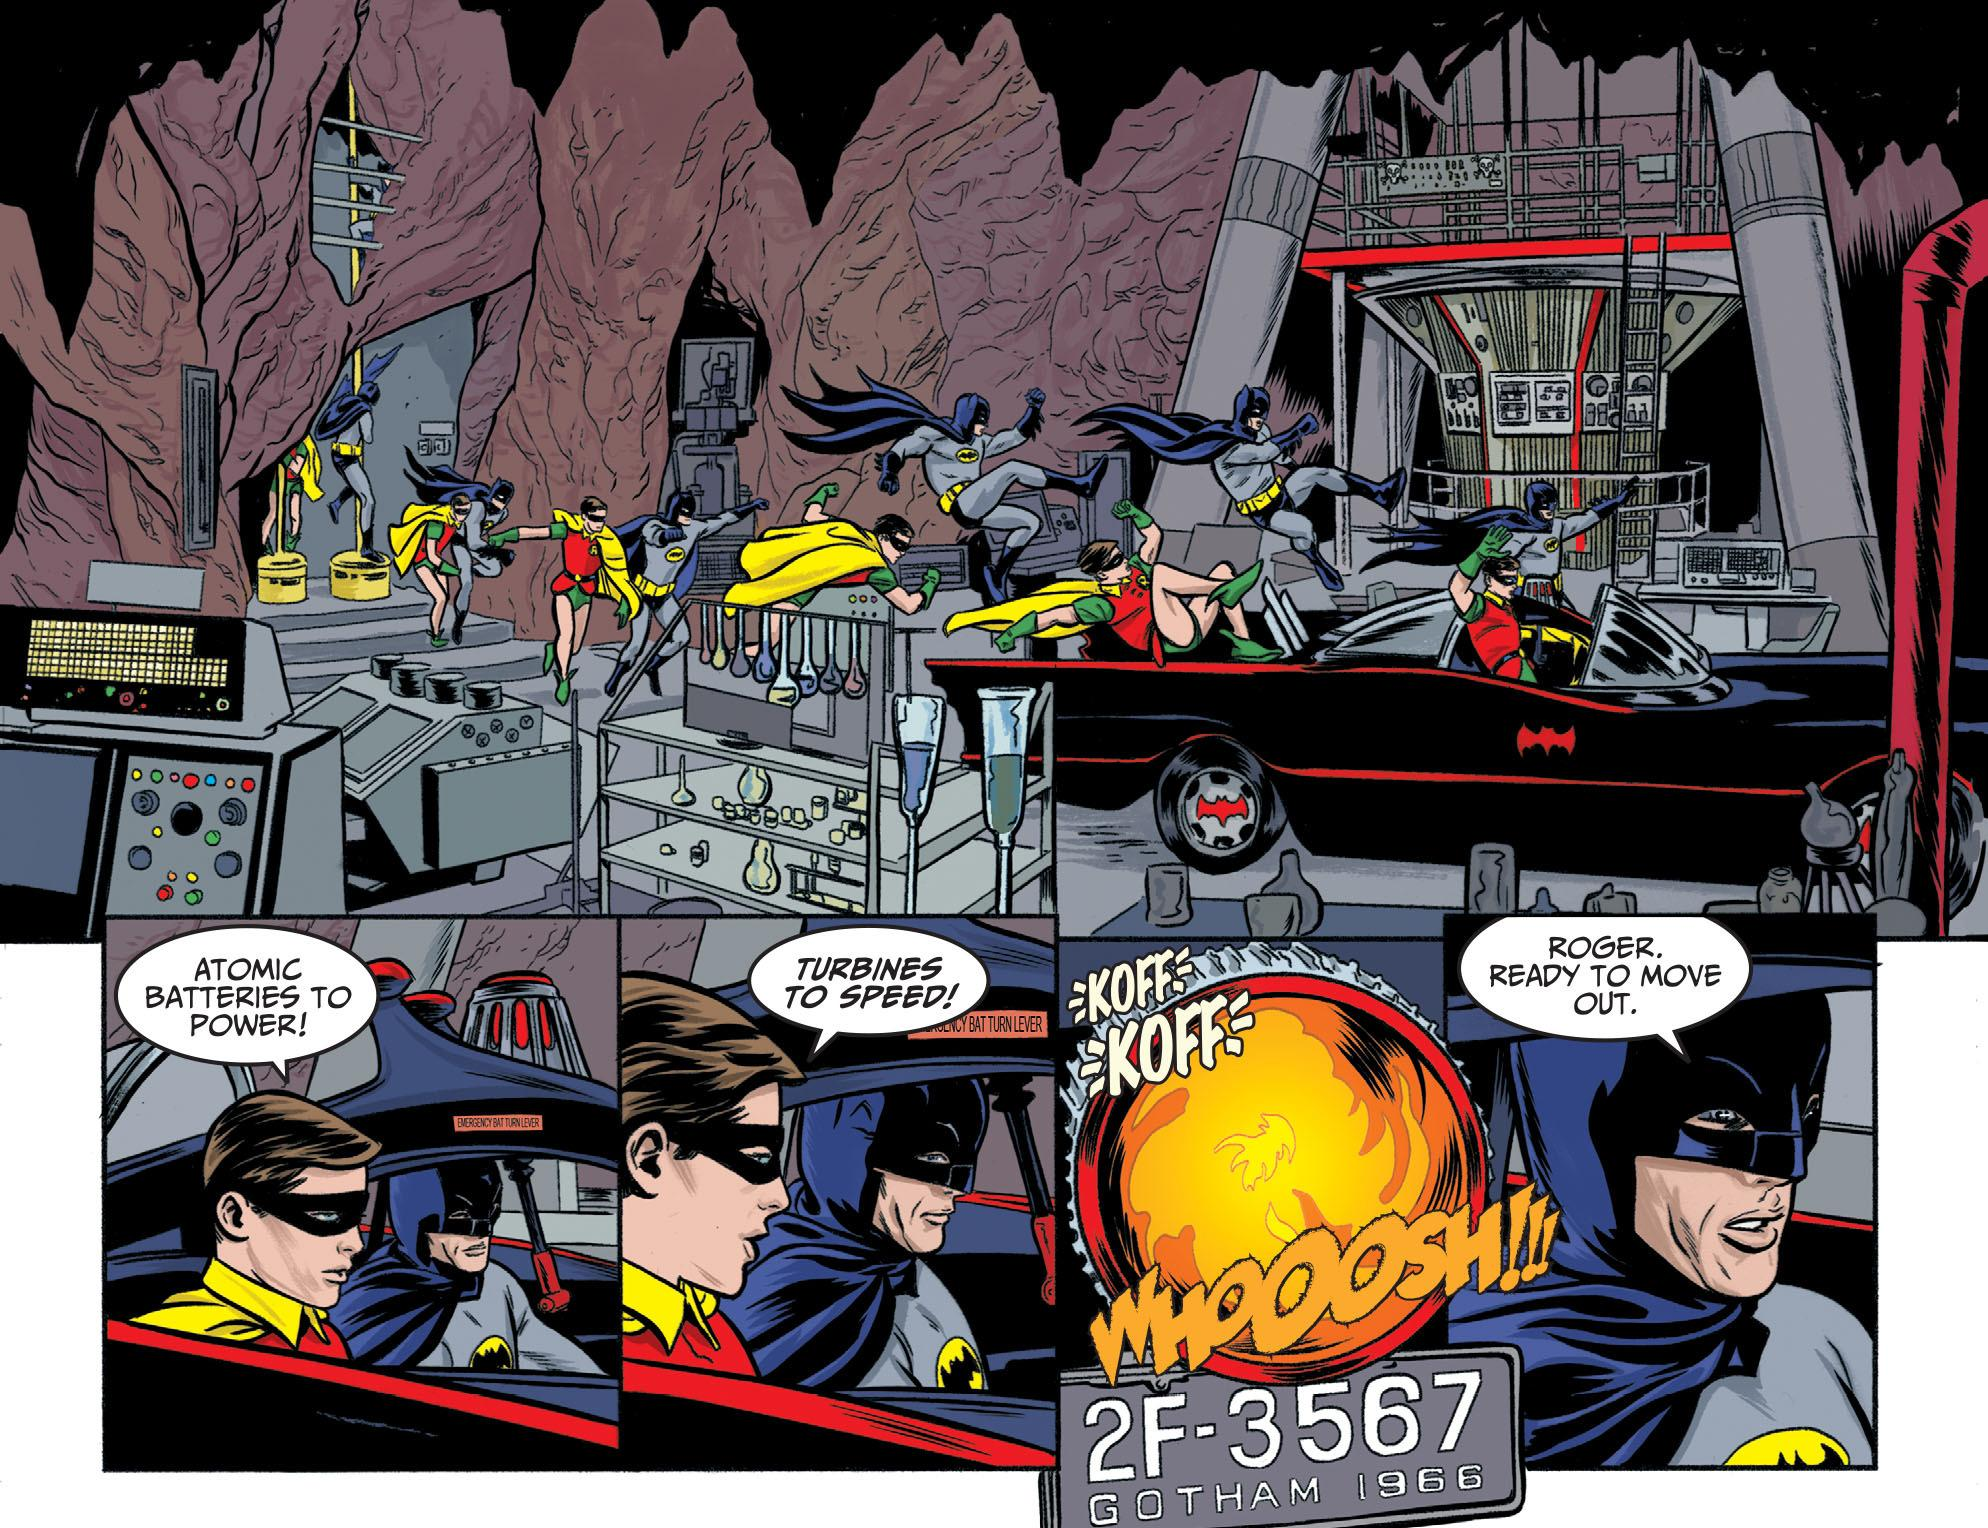 Batman '66 vol 5 review